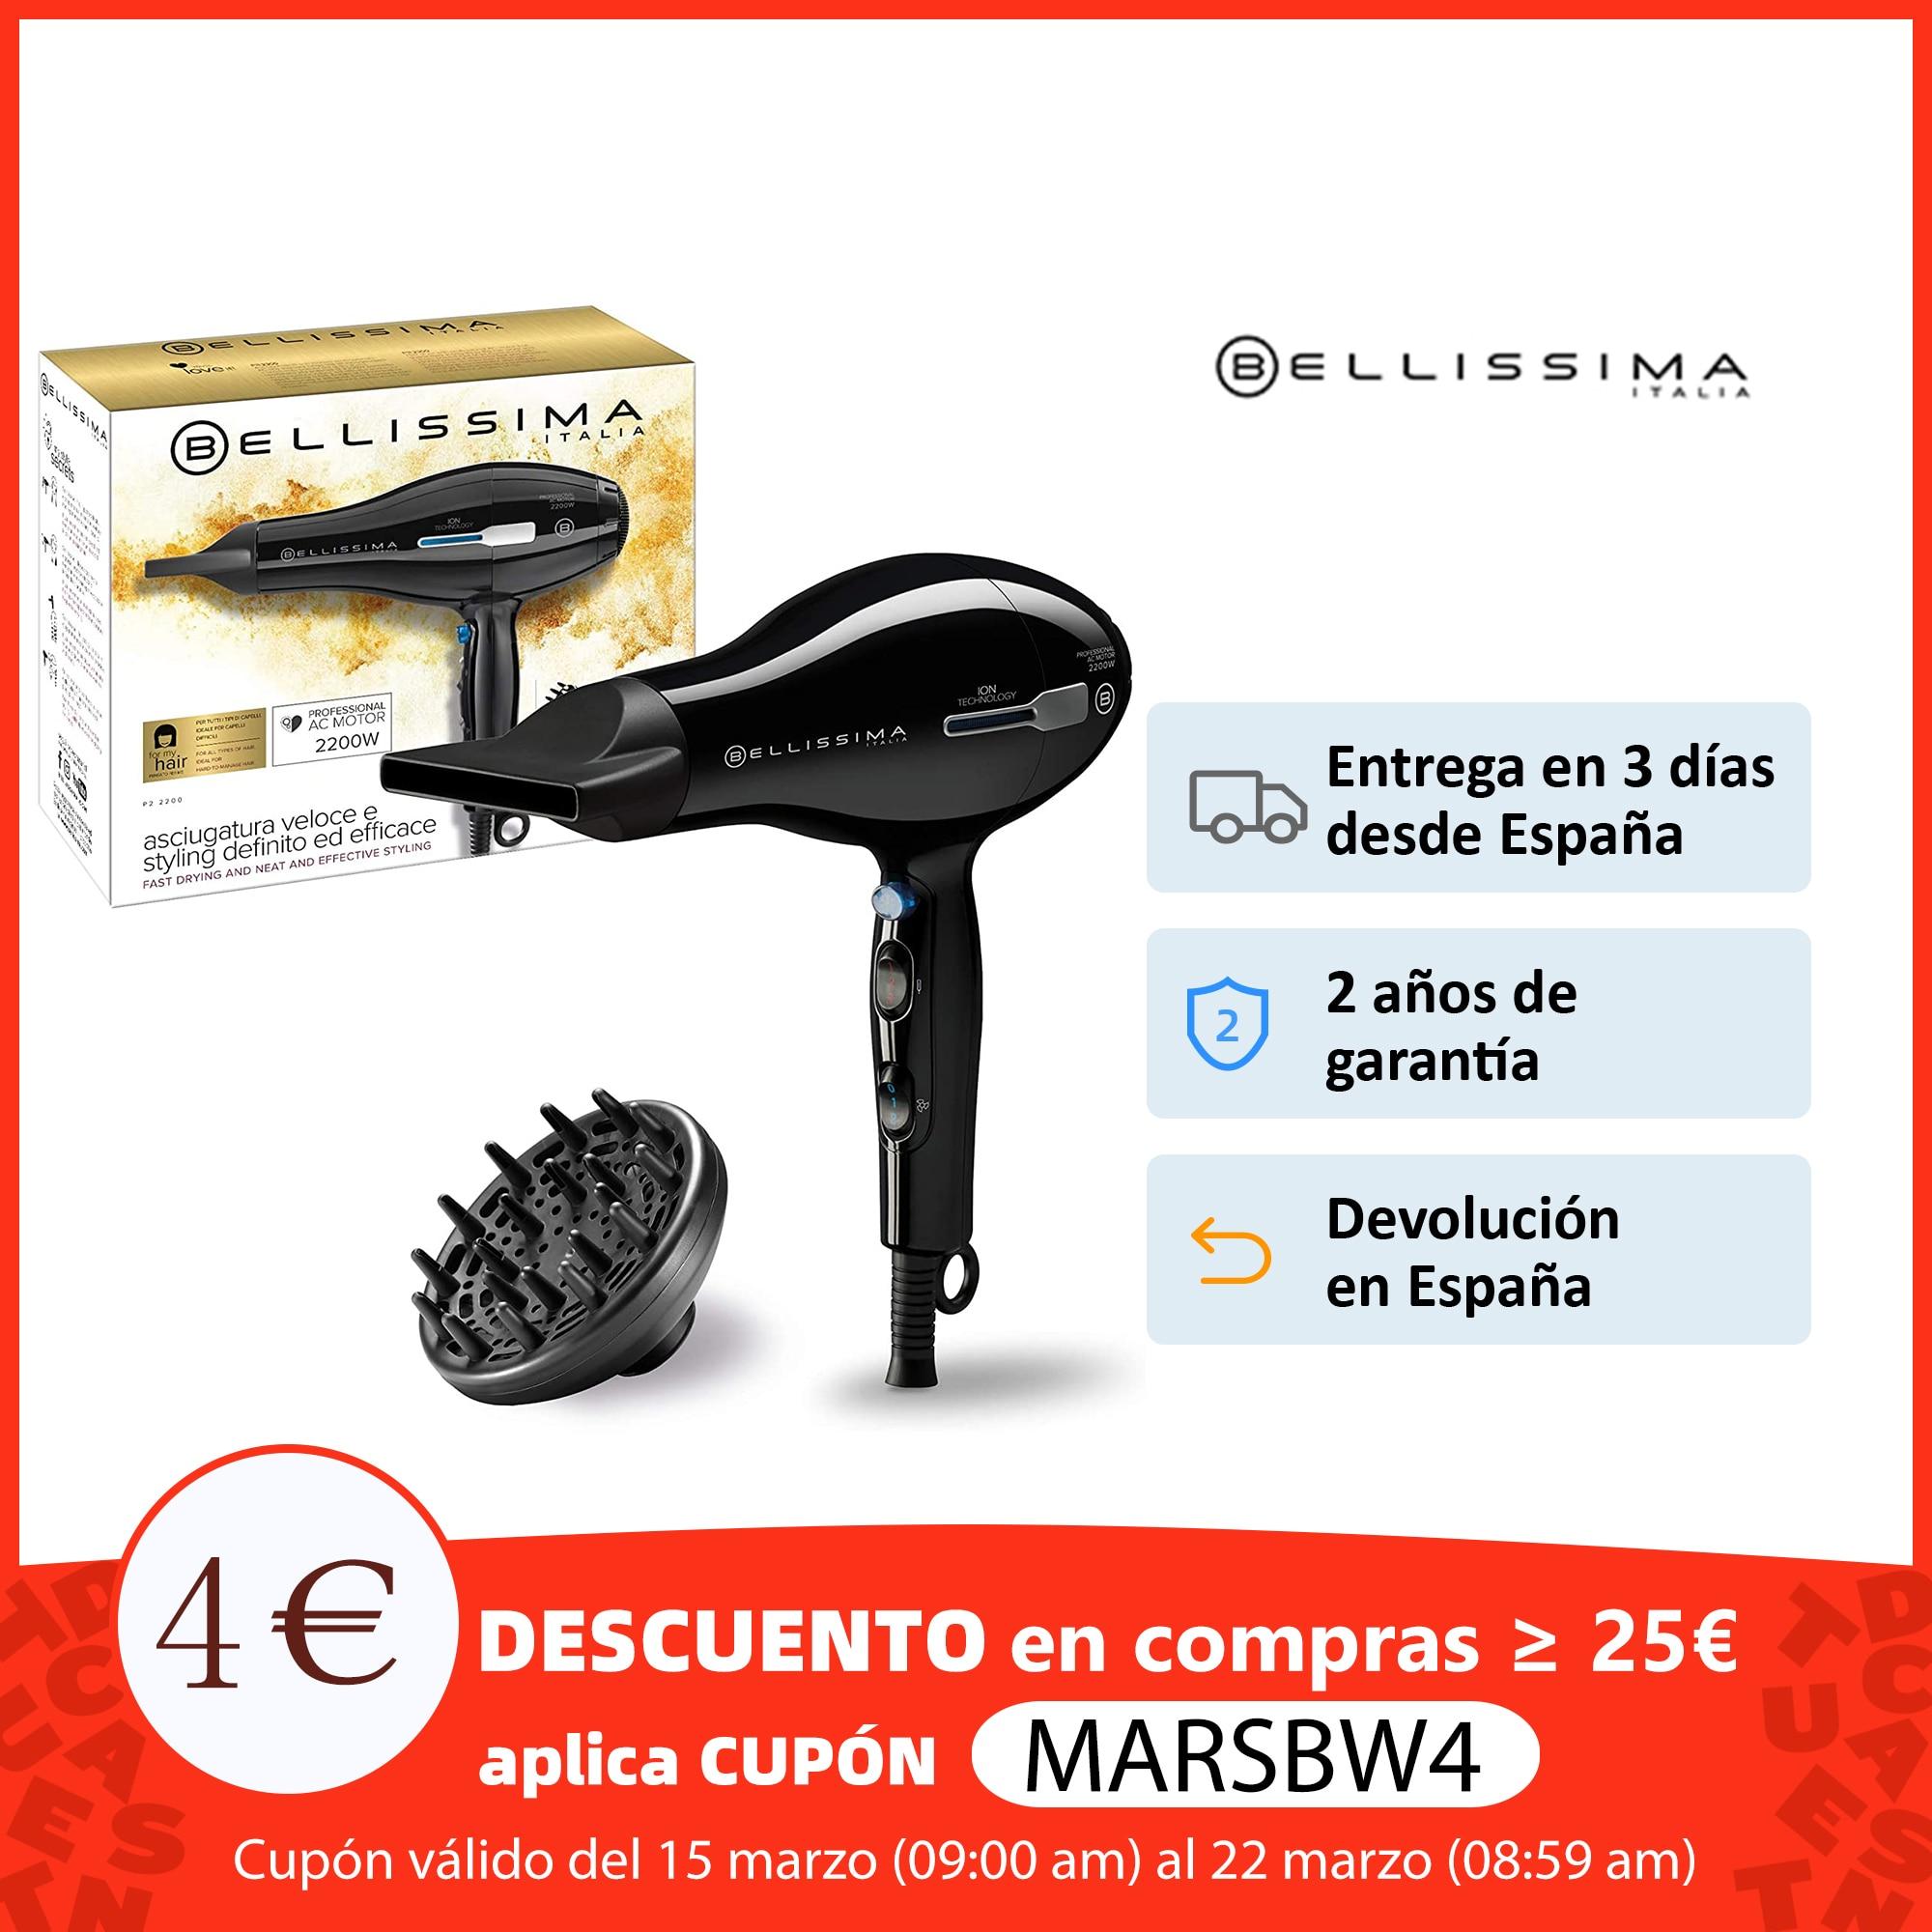 Bellissima Secador de Pelo Profesional P2 2200 Potencia 2200W Motor Profesional CA long life Tecnología, Secadores profesionales    - AliExpress